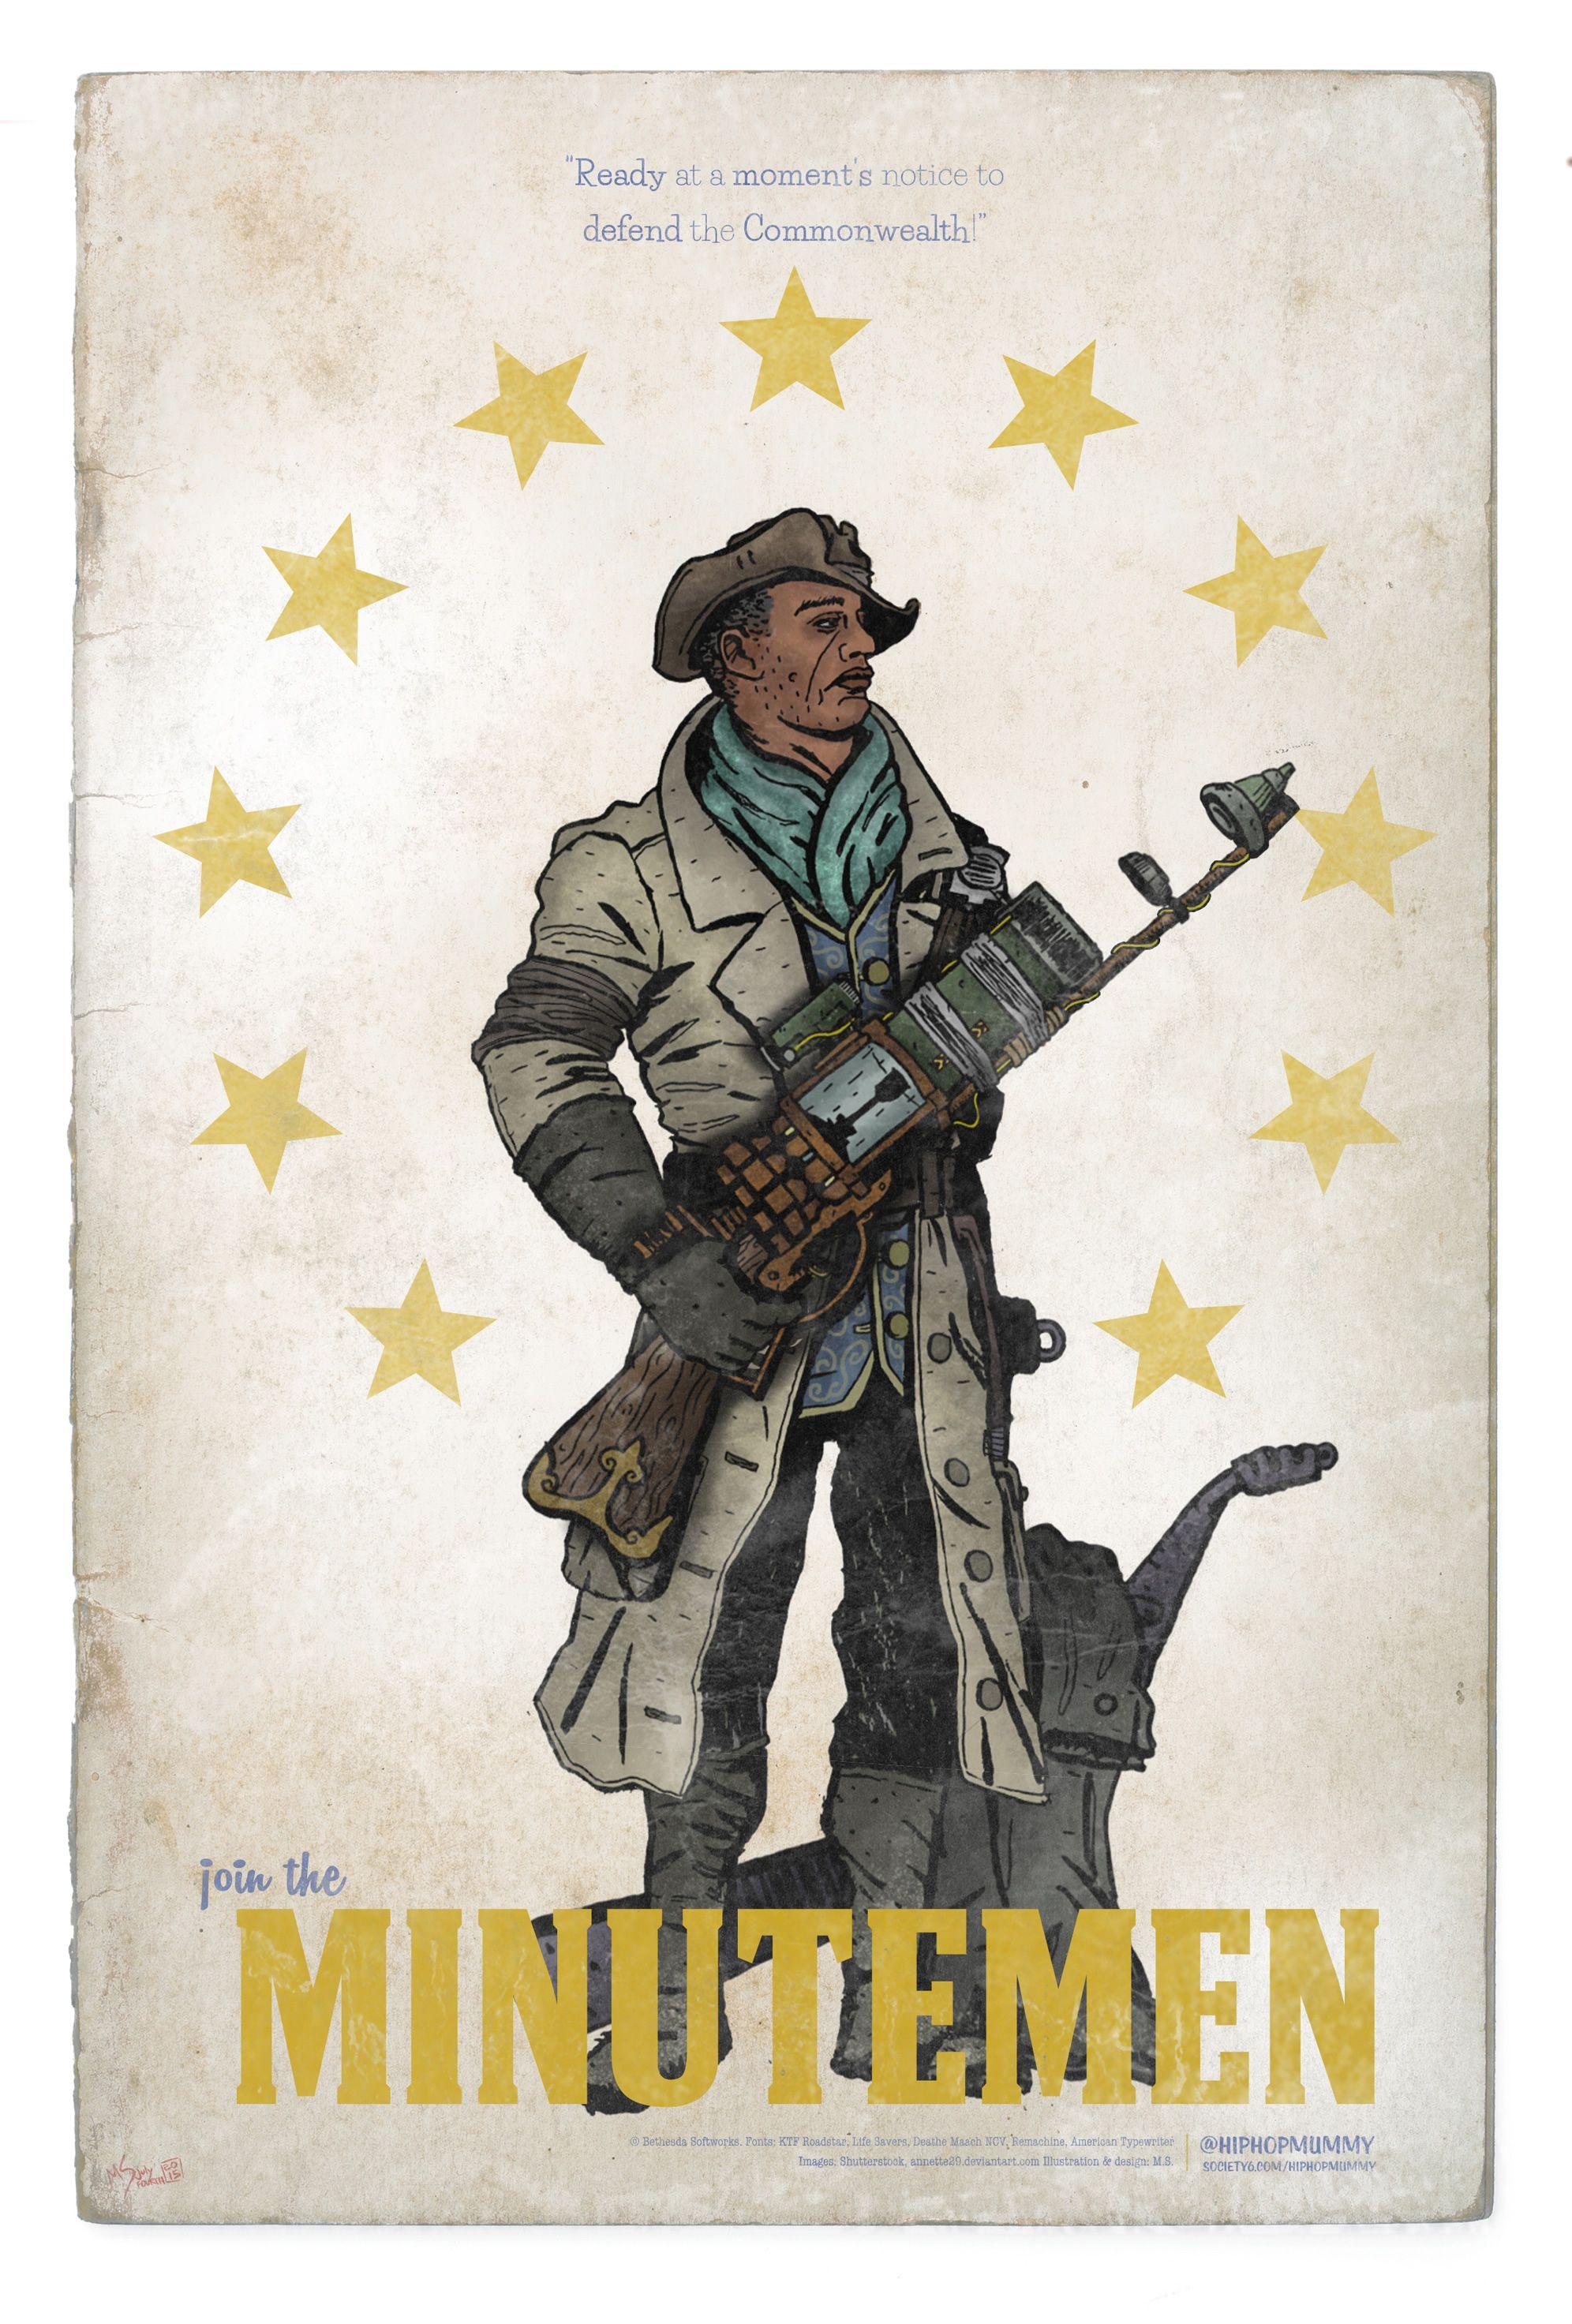 Commonwealth Minutemen Poster